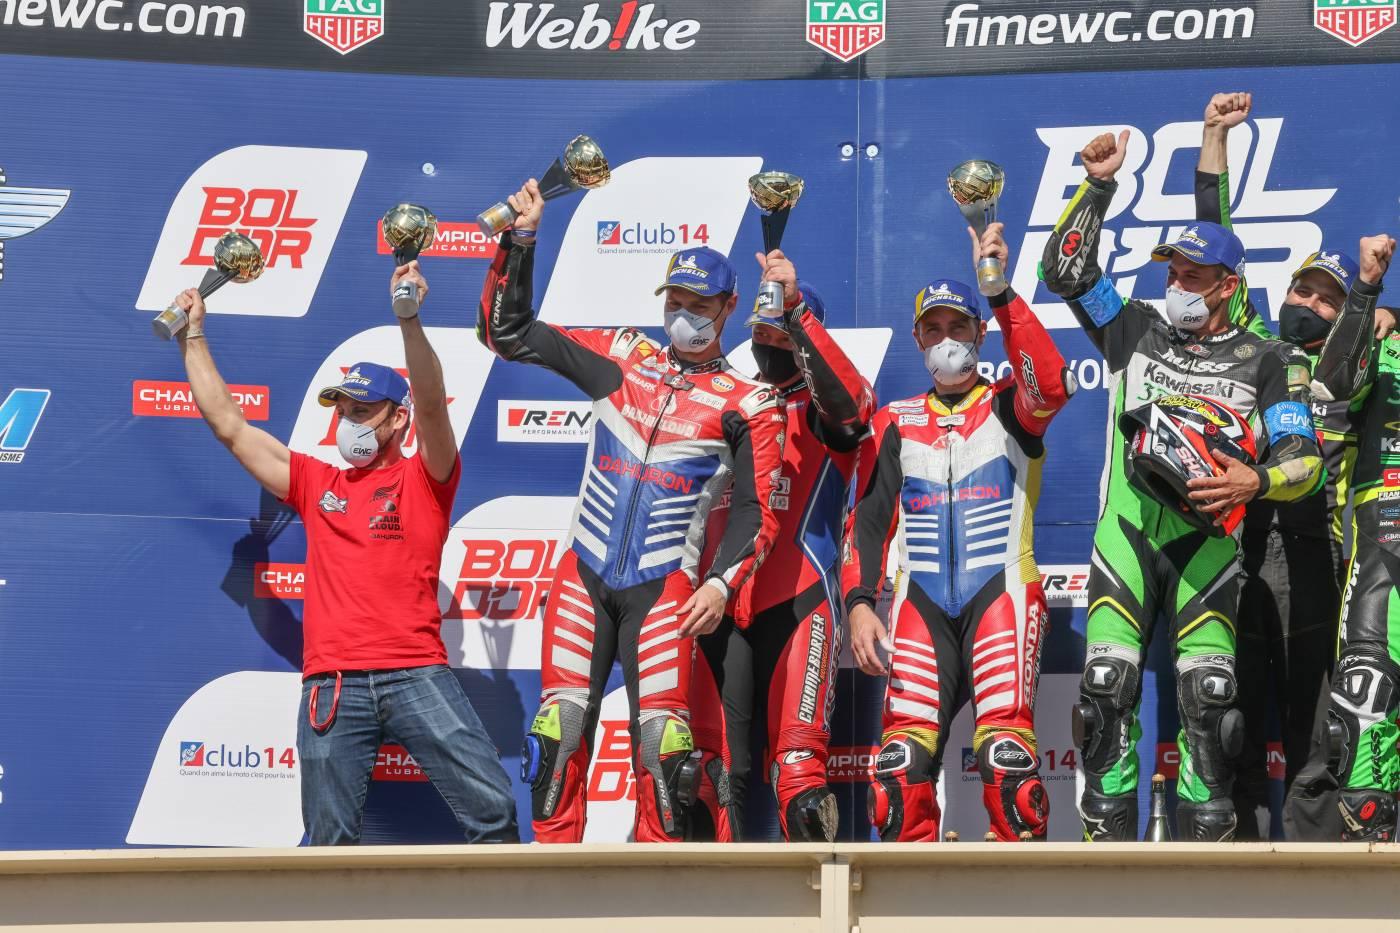 ボルドール24時間耐久レースでRAC41-CHROMEBURNERがスーパーストッククラスを2位でフィニッシュ、総合4位